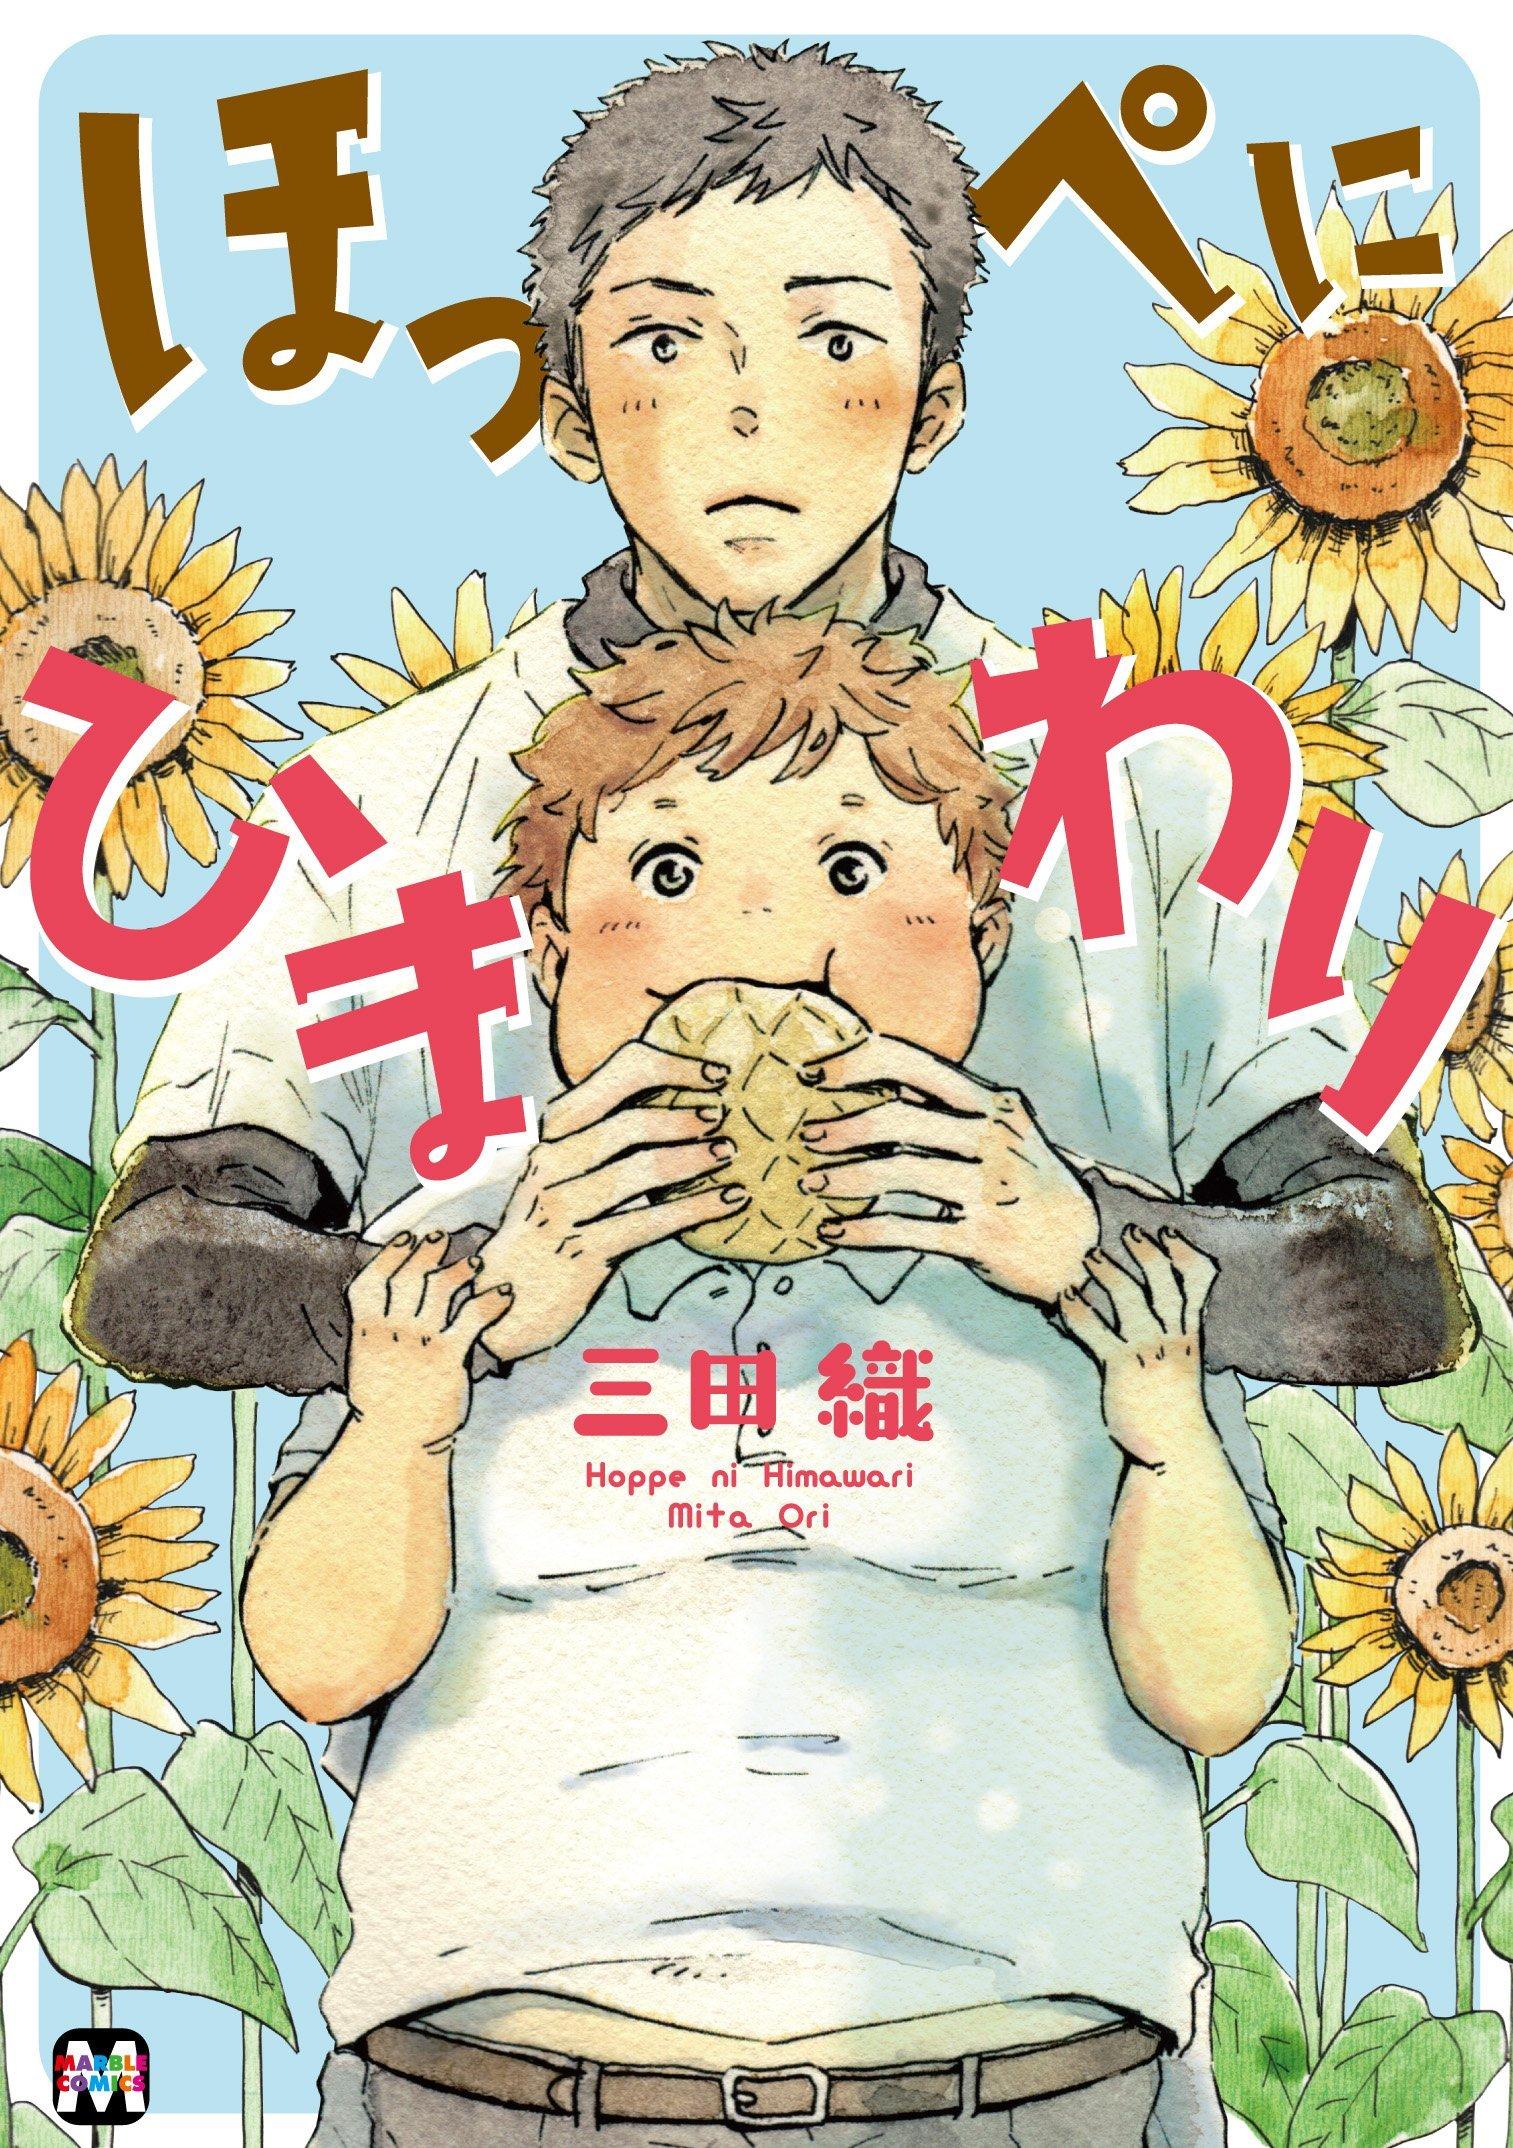 ほっぺにひまわり [Hoppe ni Himawari] [Sunflowers on your Cheeks]  by  Mita Ori